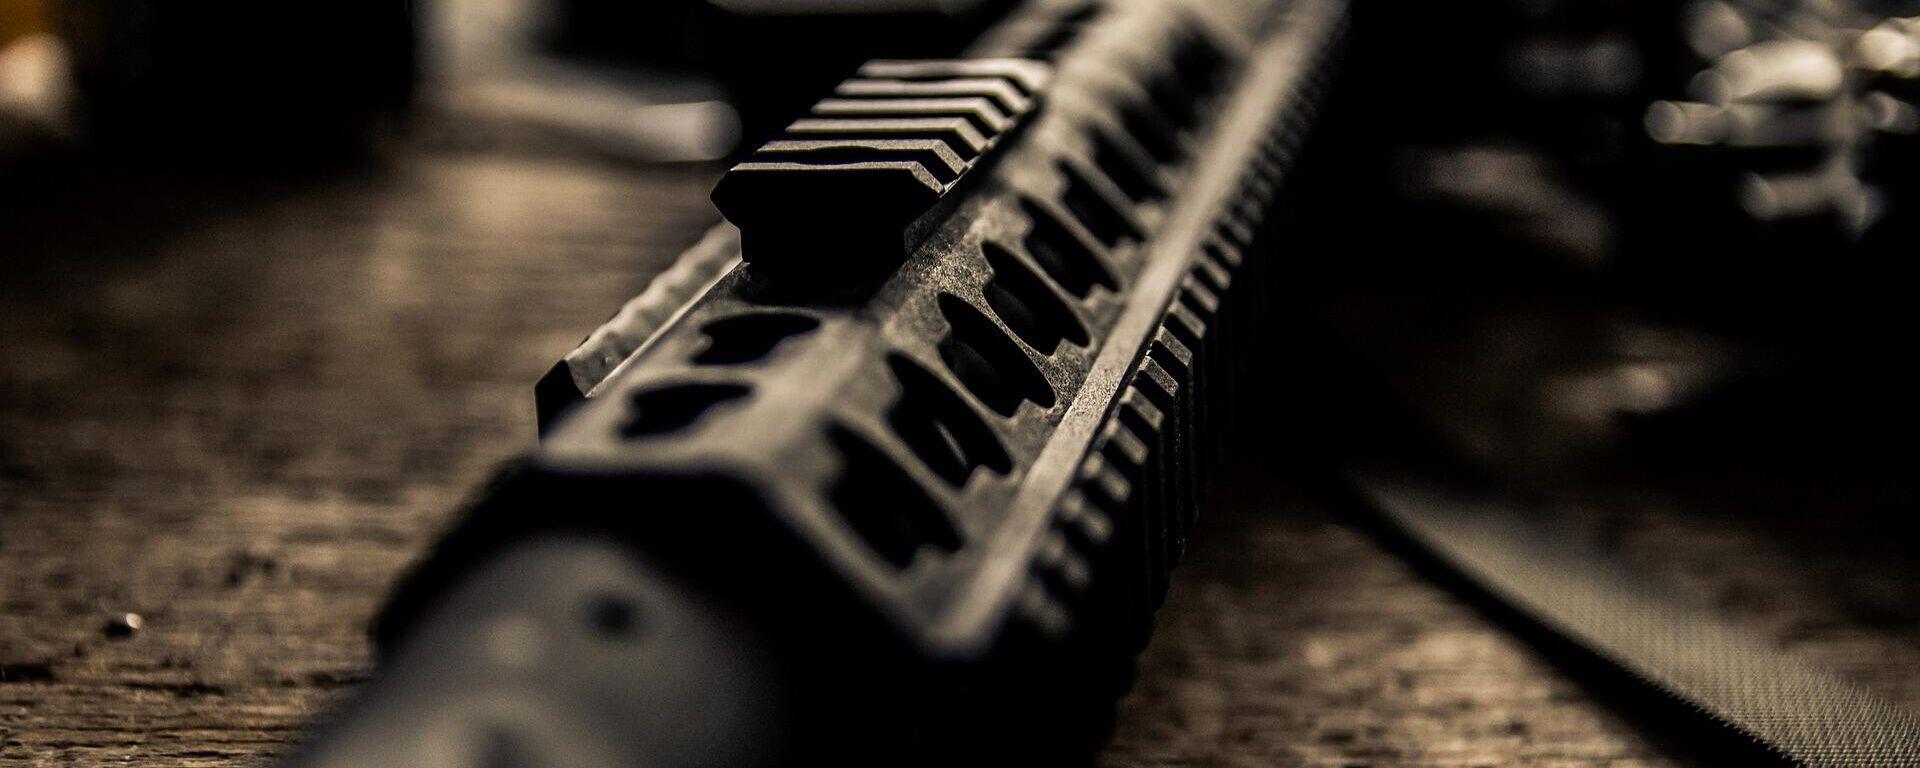 Gewehr - SNA, 1920, 13.10.2021